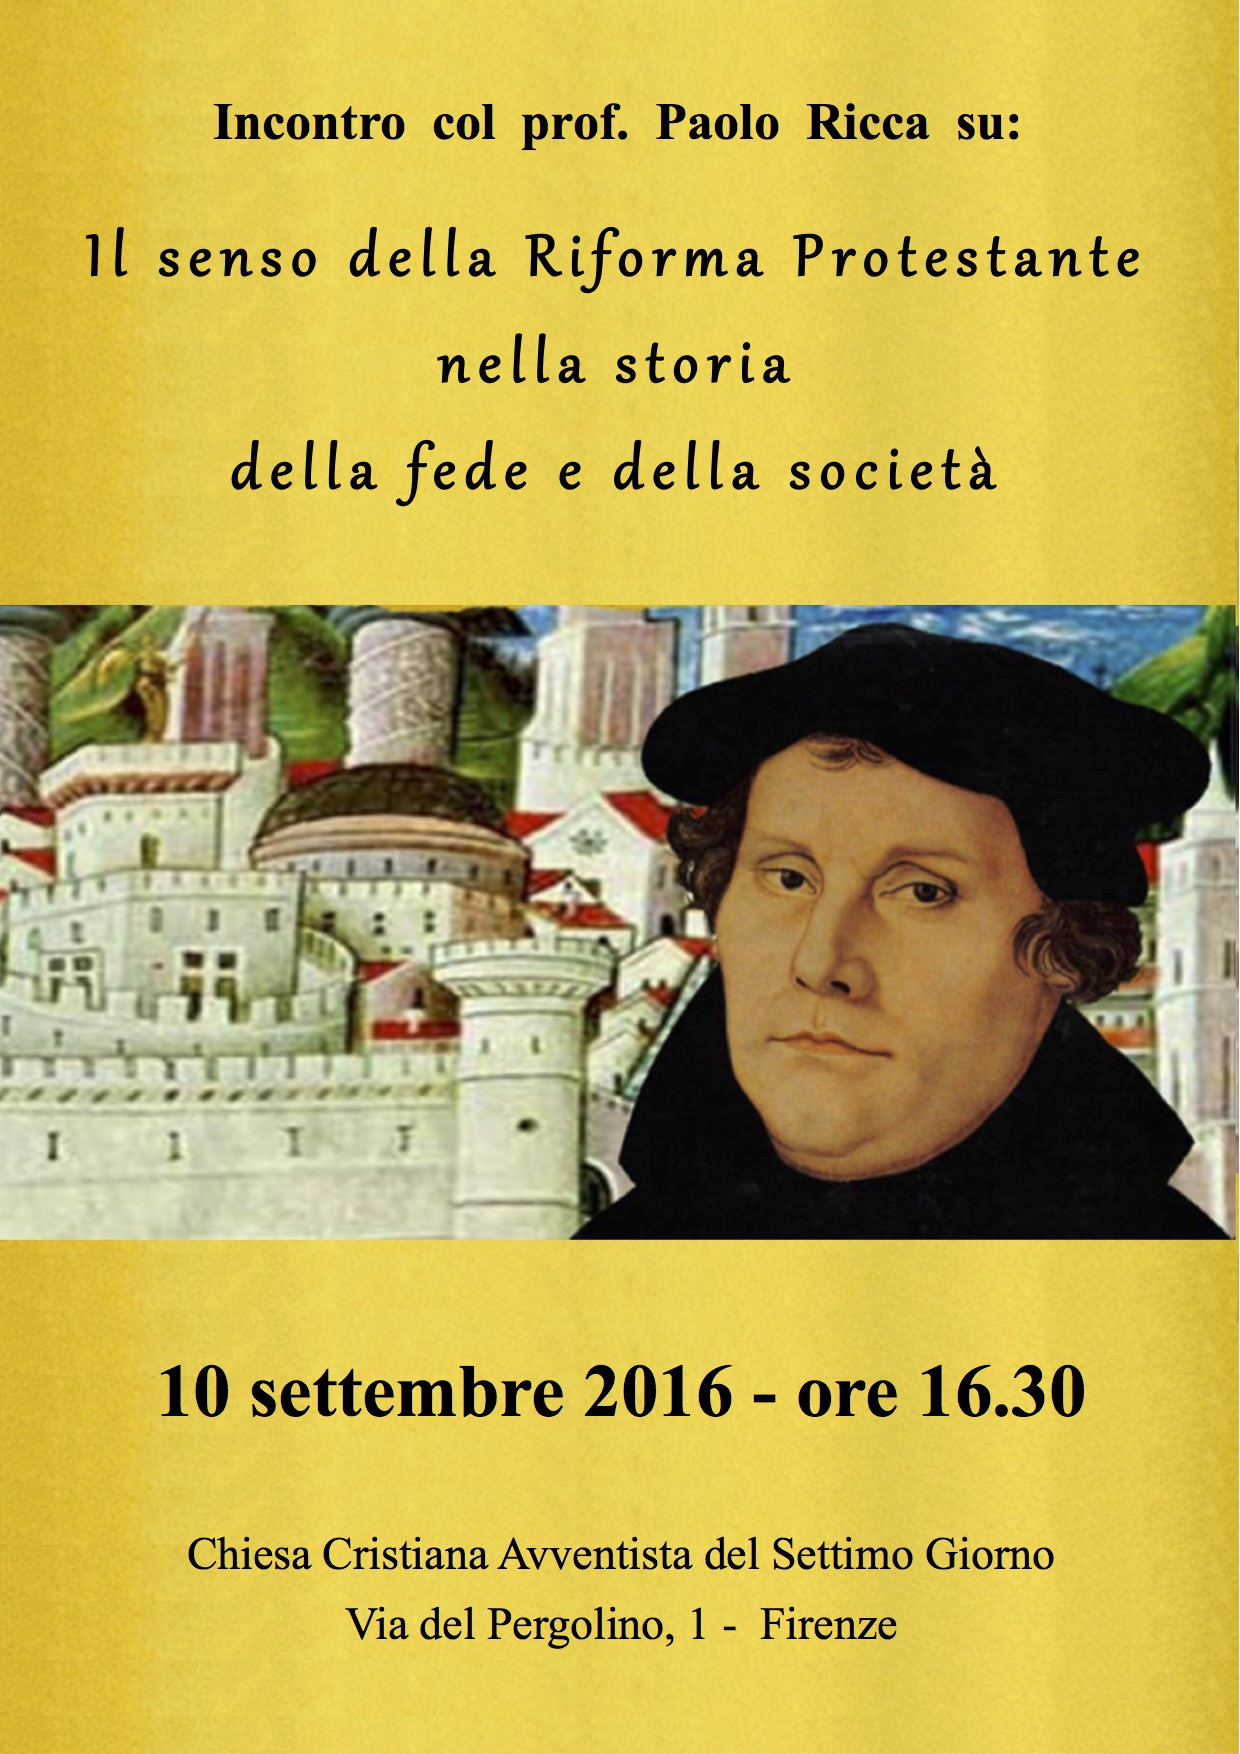 10 settembre 2016 - locandina Lutero - Firenze